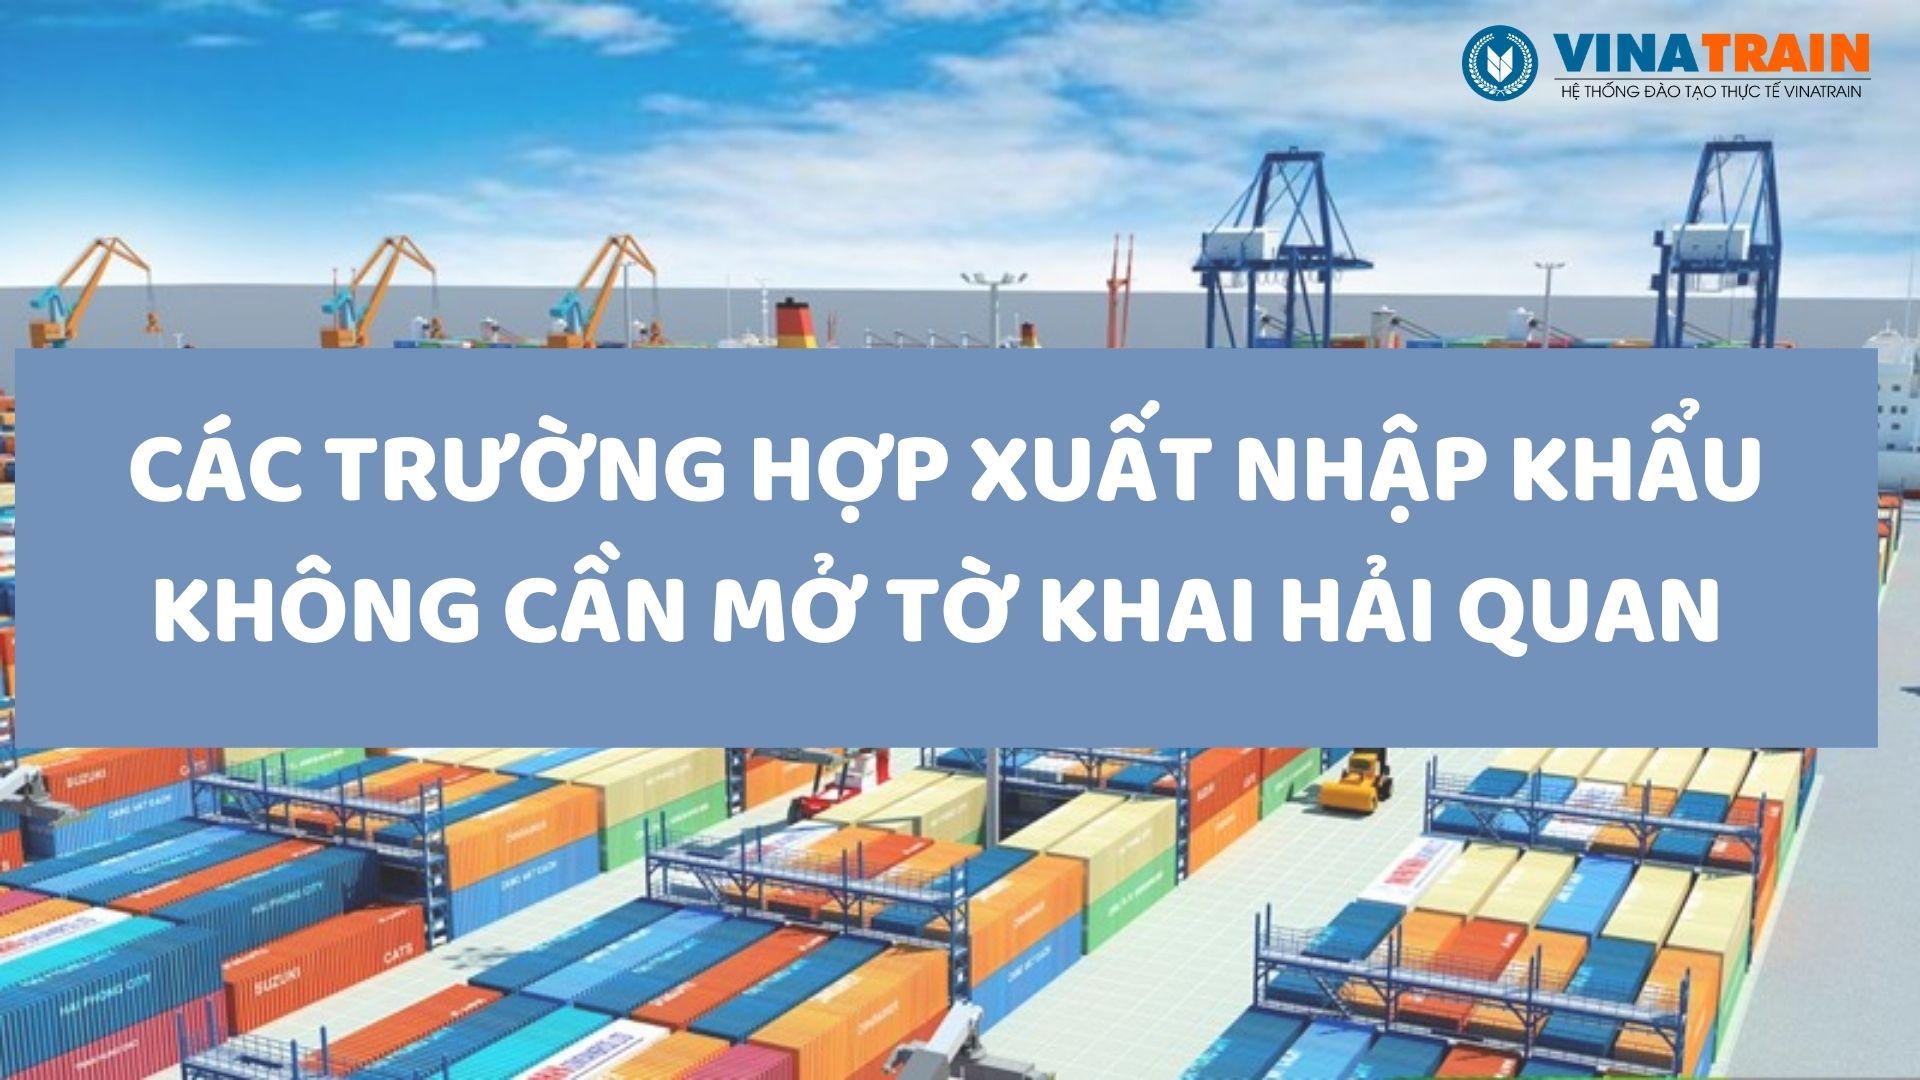 Các trường hợp không cần mở tờ khai xuất nhập khẩu